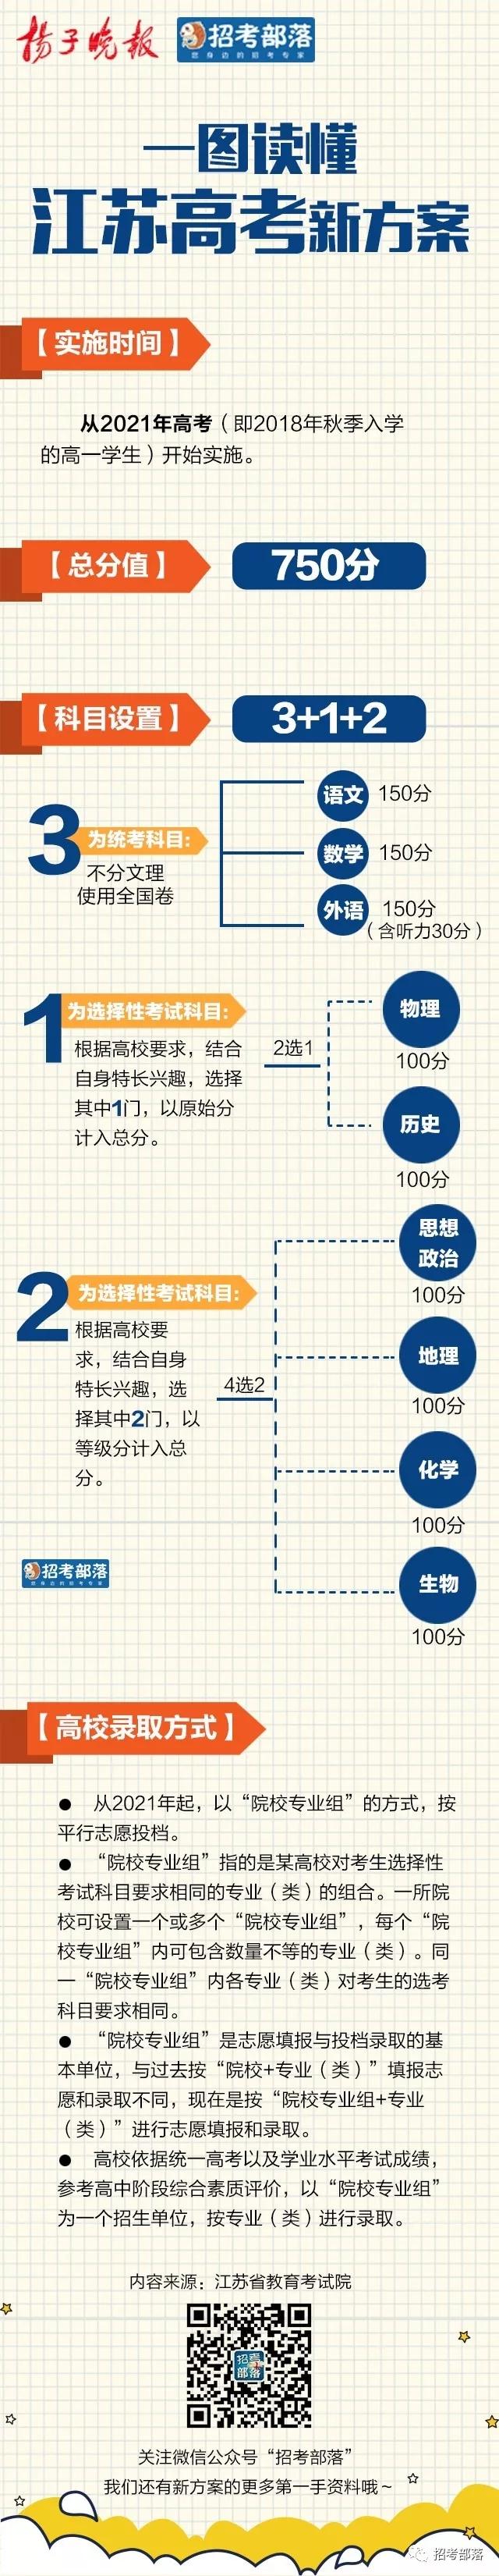 """更加平衡化!江苏新高考方案""""3+1+2""""预定2021年实施"""